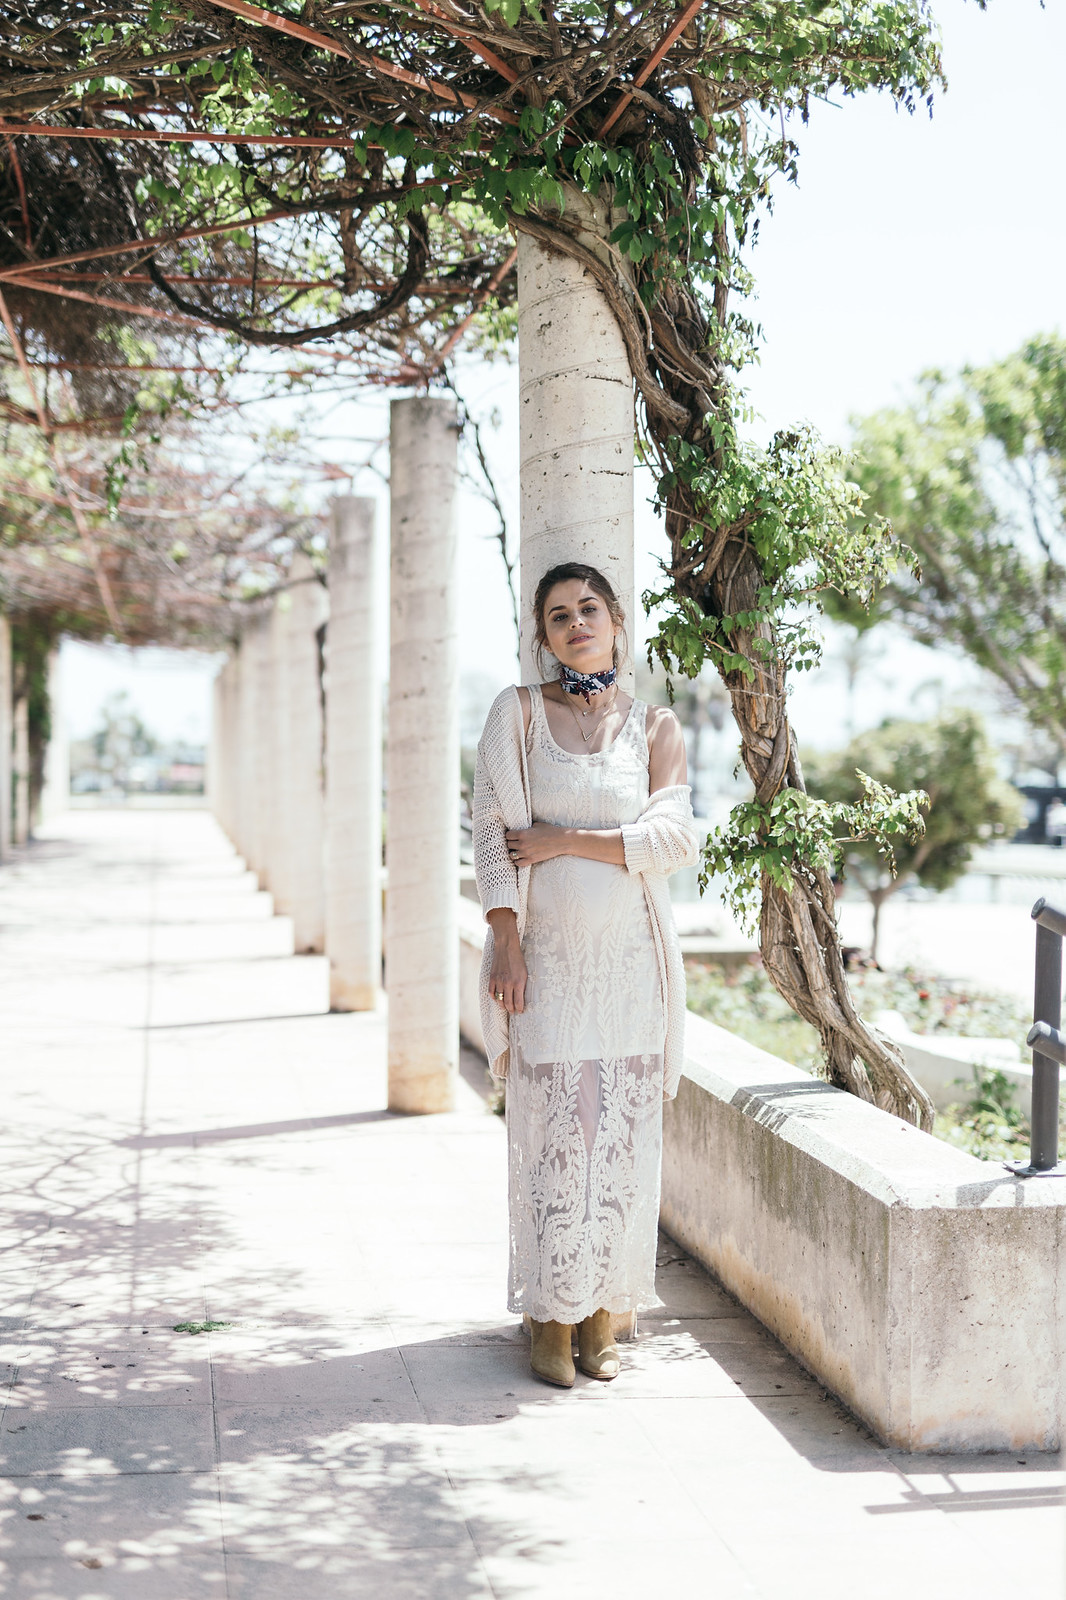 Jessie Chanes - Seams for a desire - El Corte Ingles - Giftlist - Lista de regalos dia de la madre -15